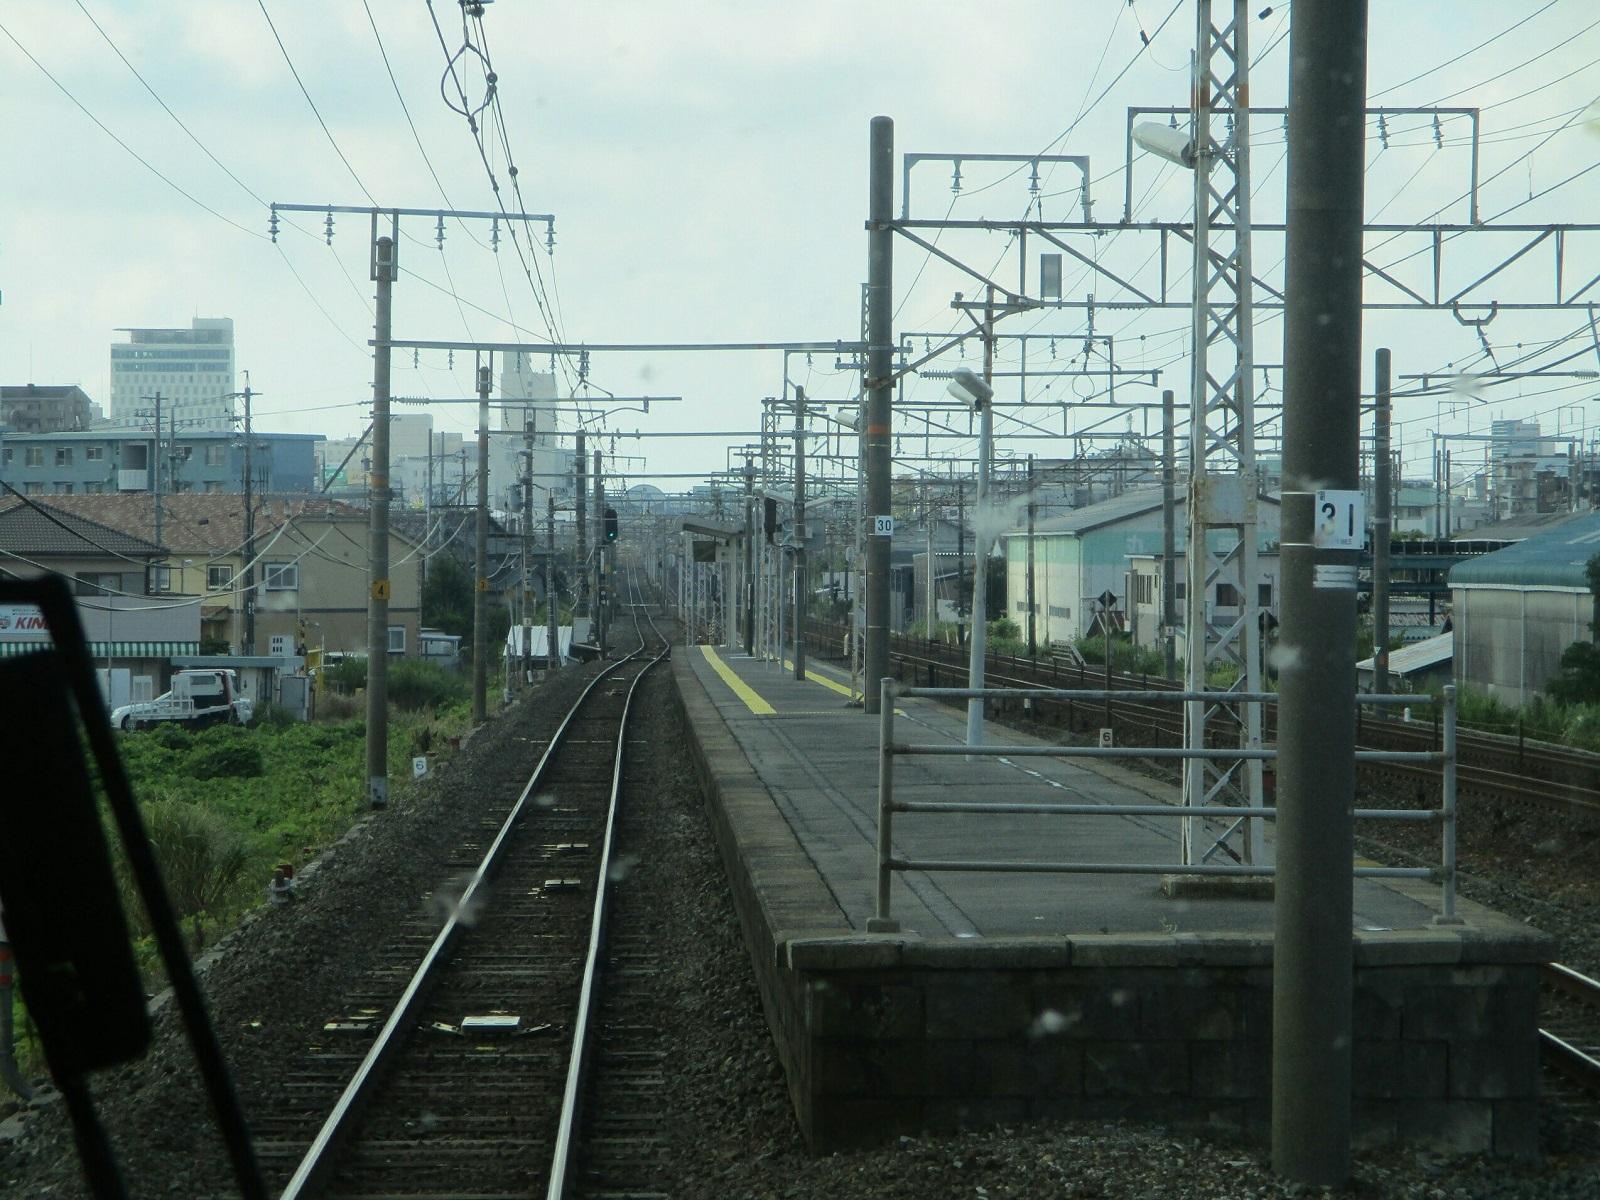 2018.8.10 (12) 豊橋いき特急 - 船町 1600-1200